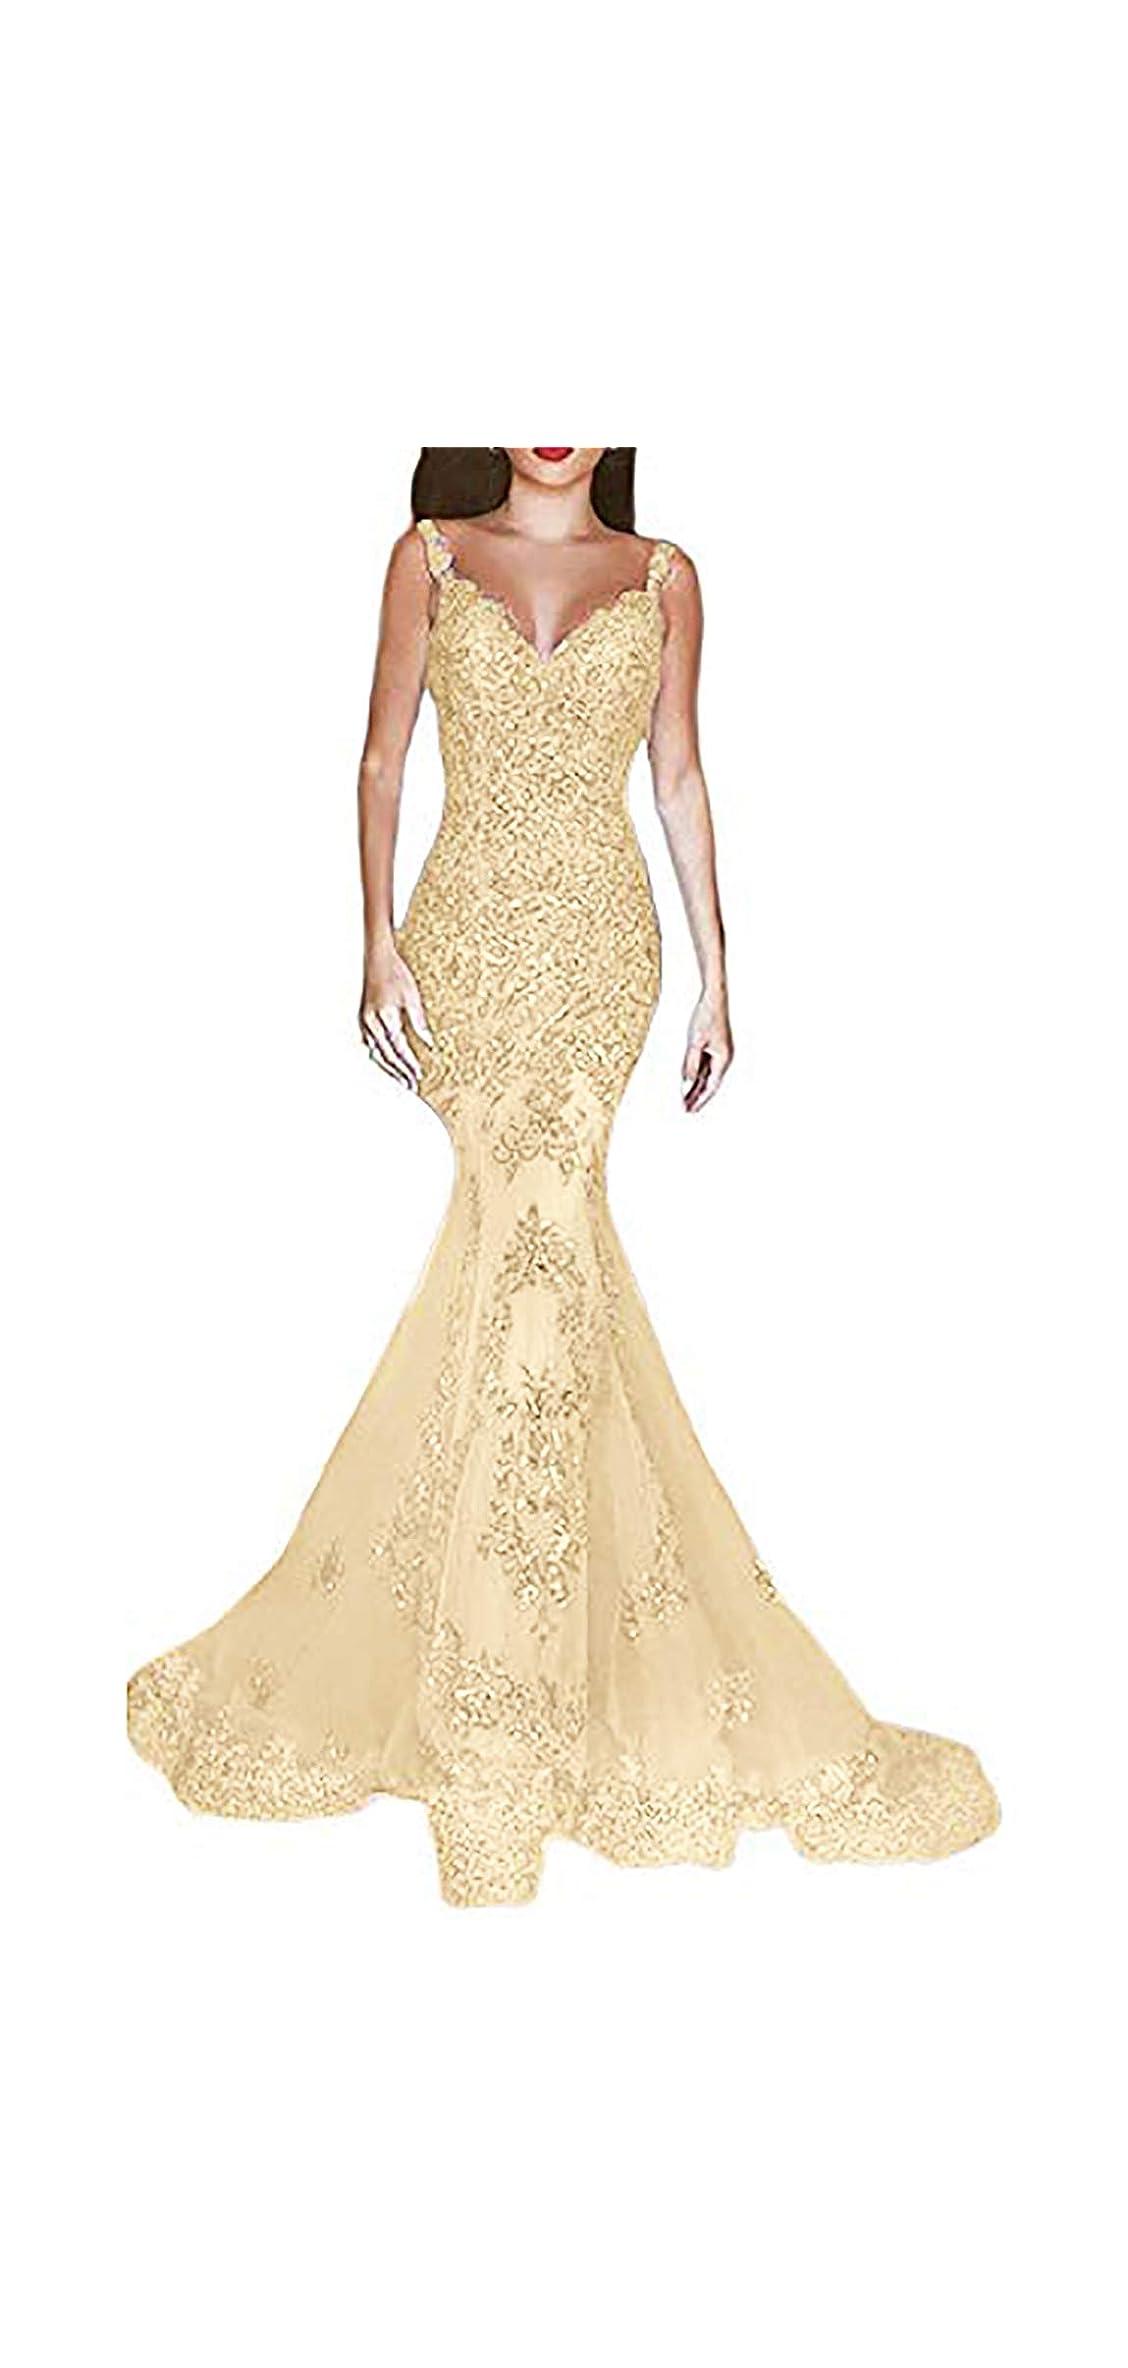 Women's Formal Sequin Mermaid Prom Dresses Long V-neck